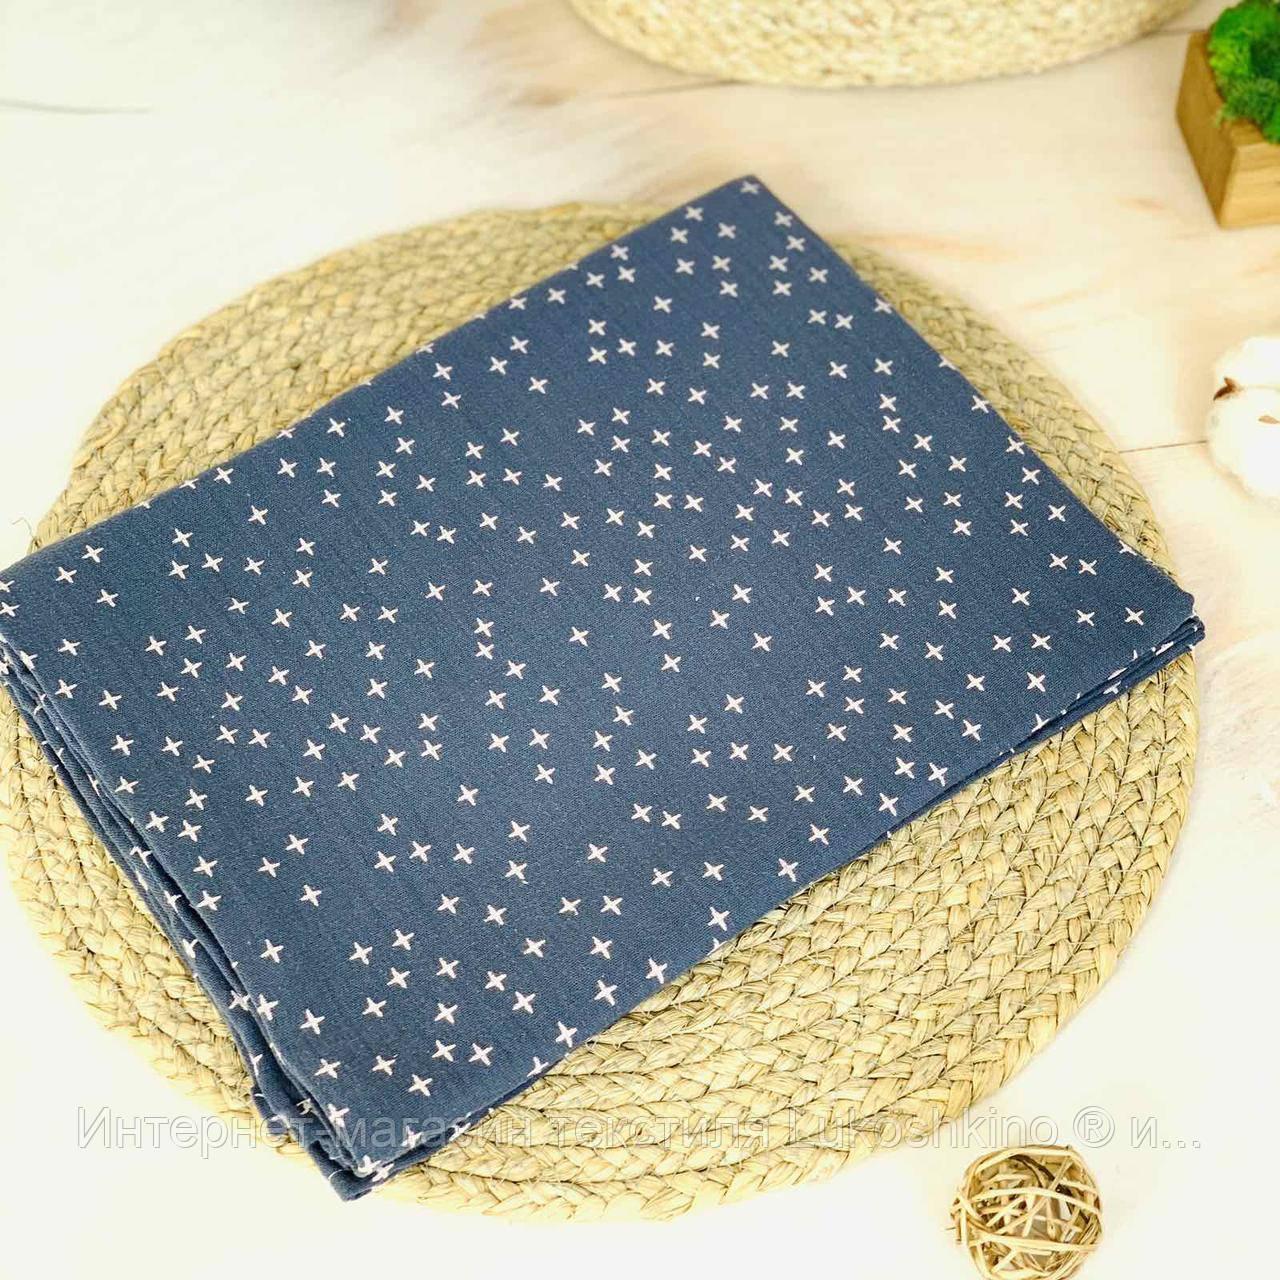 Детская муслиновая пеленка для новорожденного двуслойная однотонная со звездочками 120*100 см